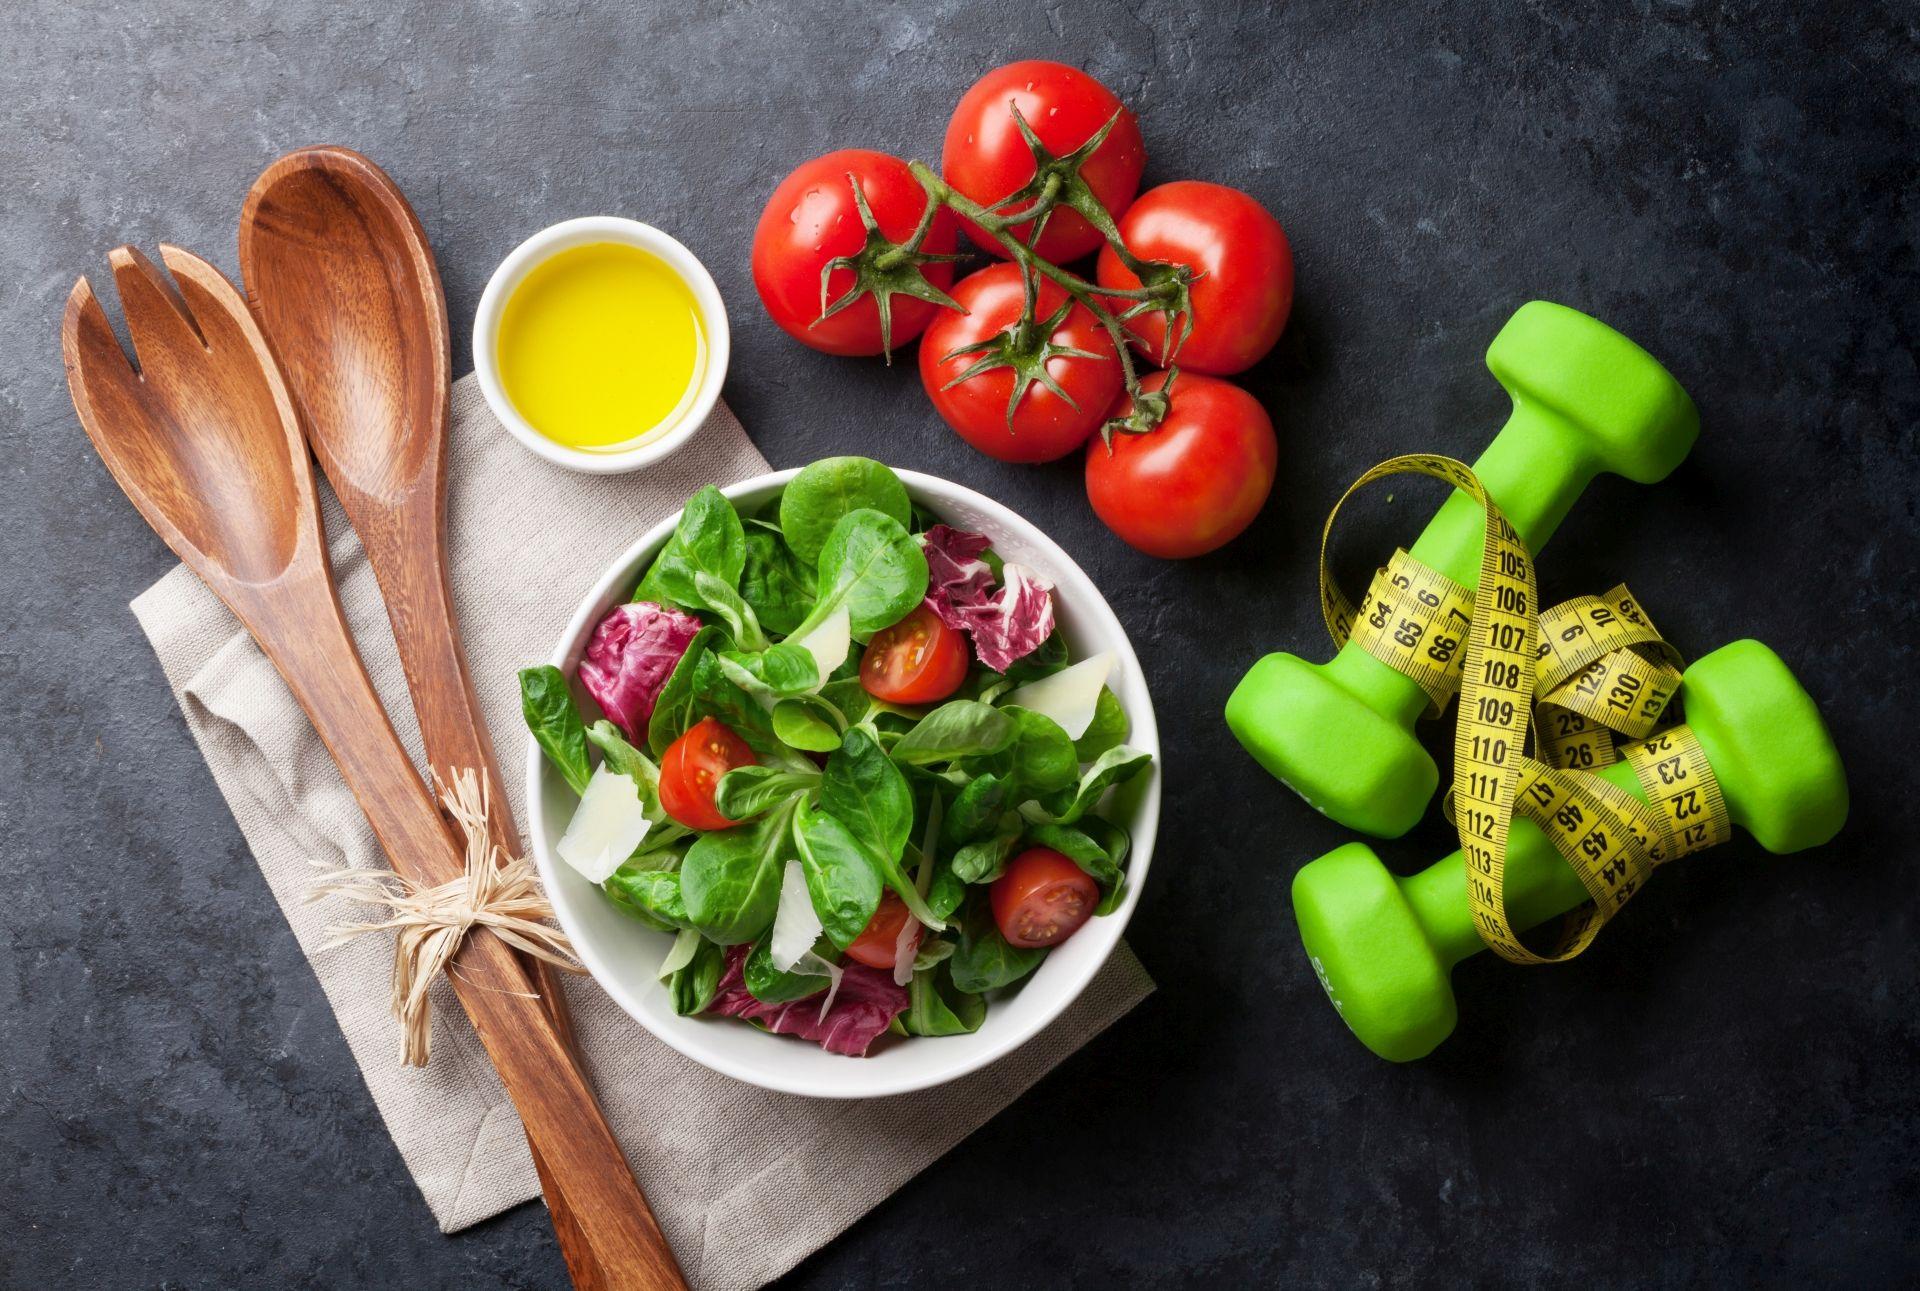 Dieta przy insulinooporności powinna opierać się na niskim indeksie glikemicznym i redukcji masy ciała w przypadku otyłości.